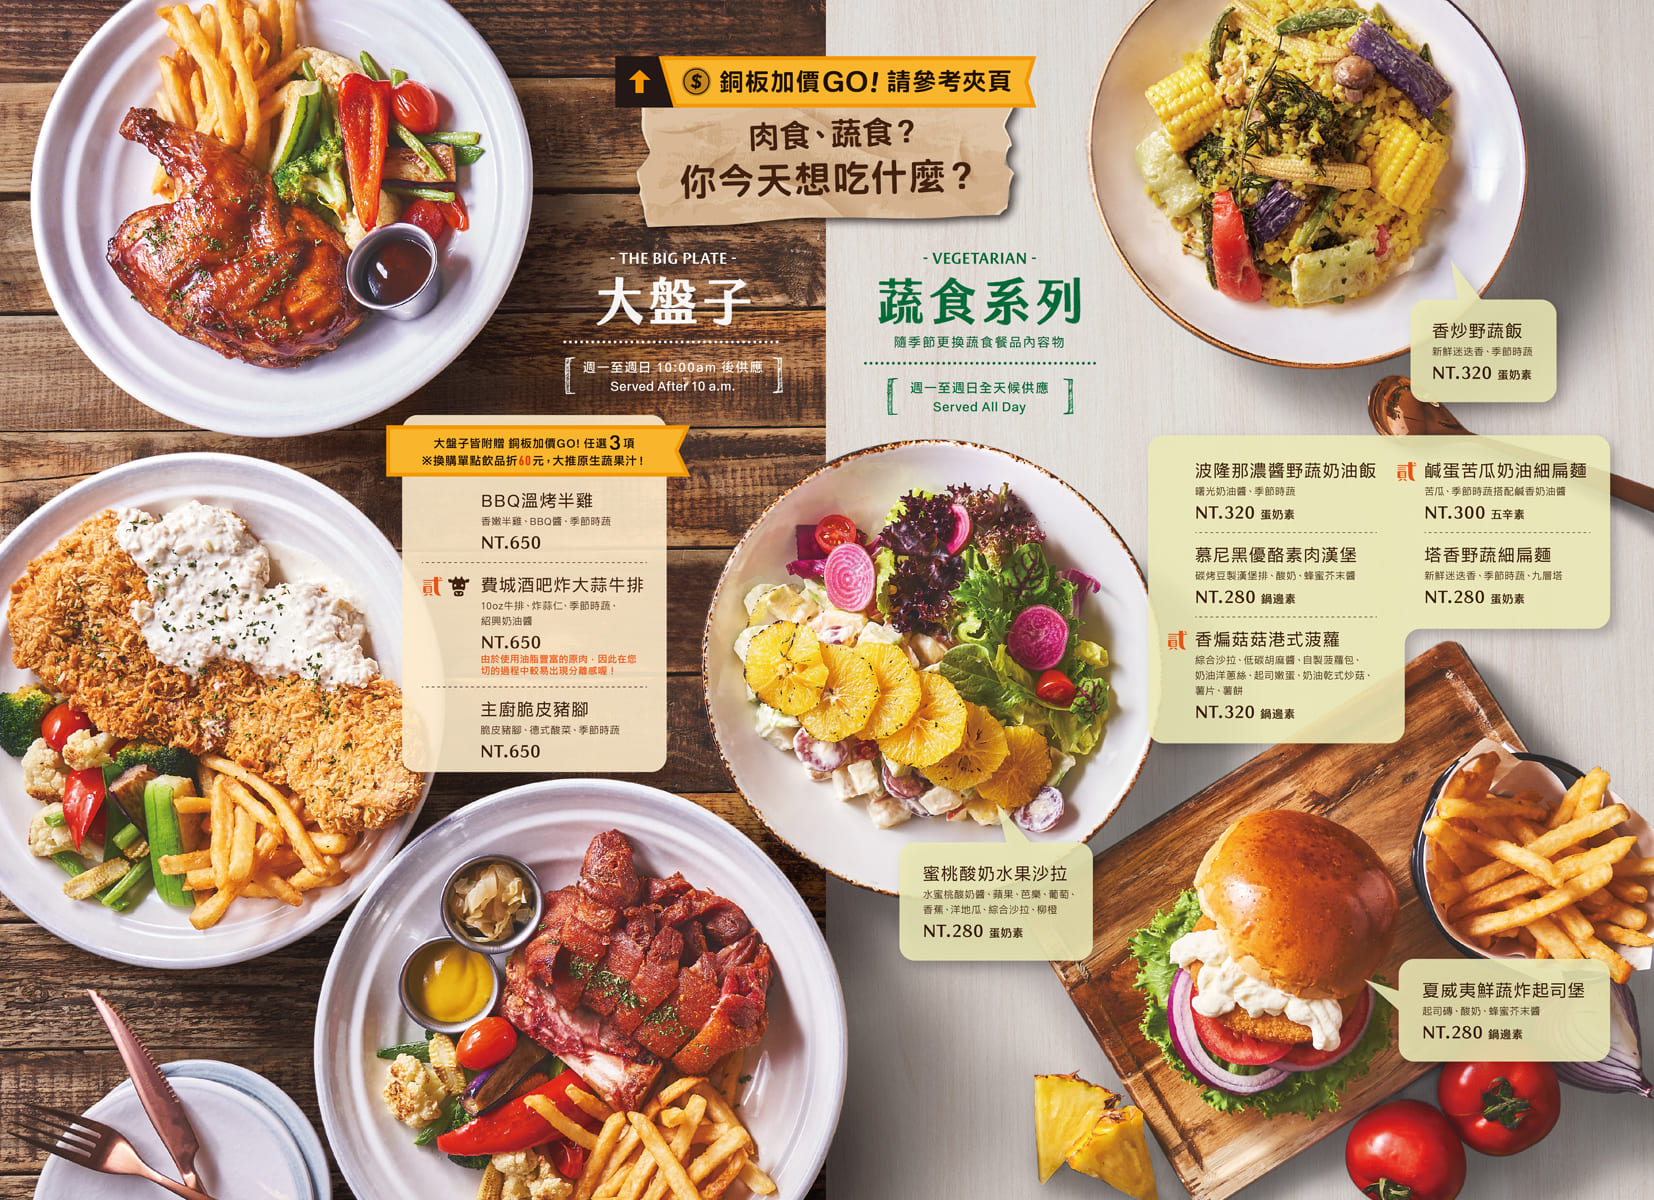 貳樓餐廳 Second Floor Cafe菜單MENU